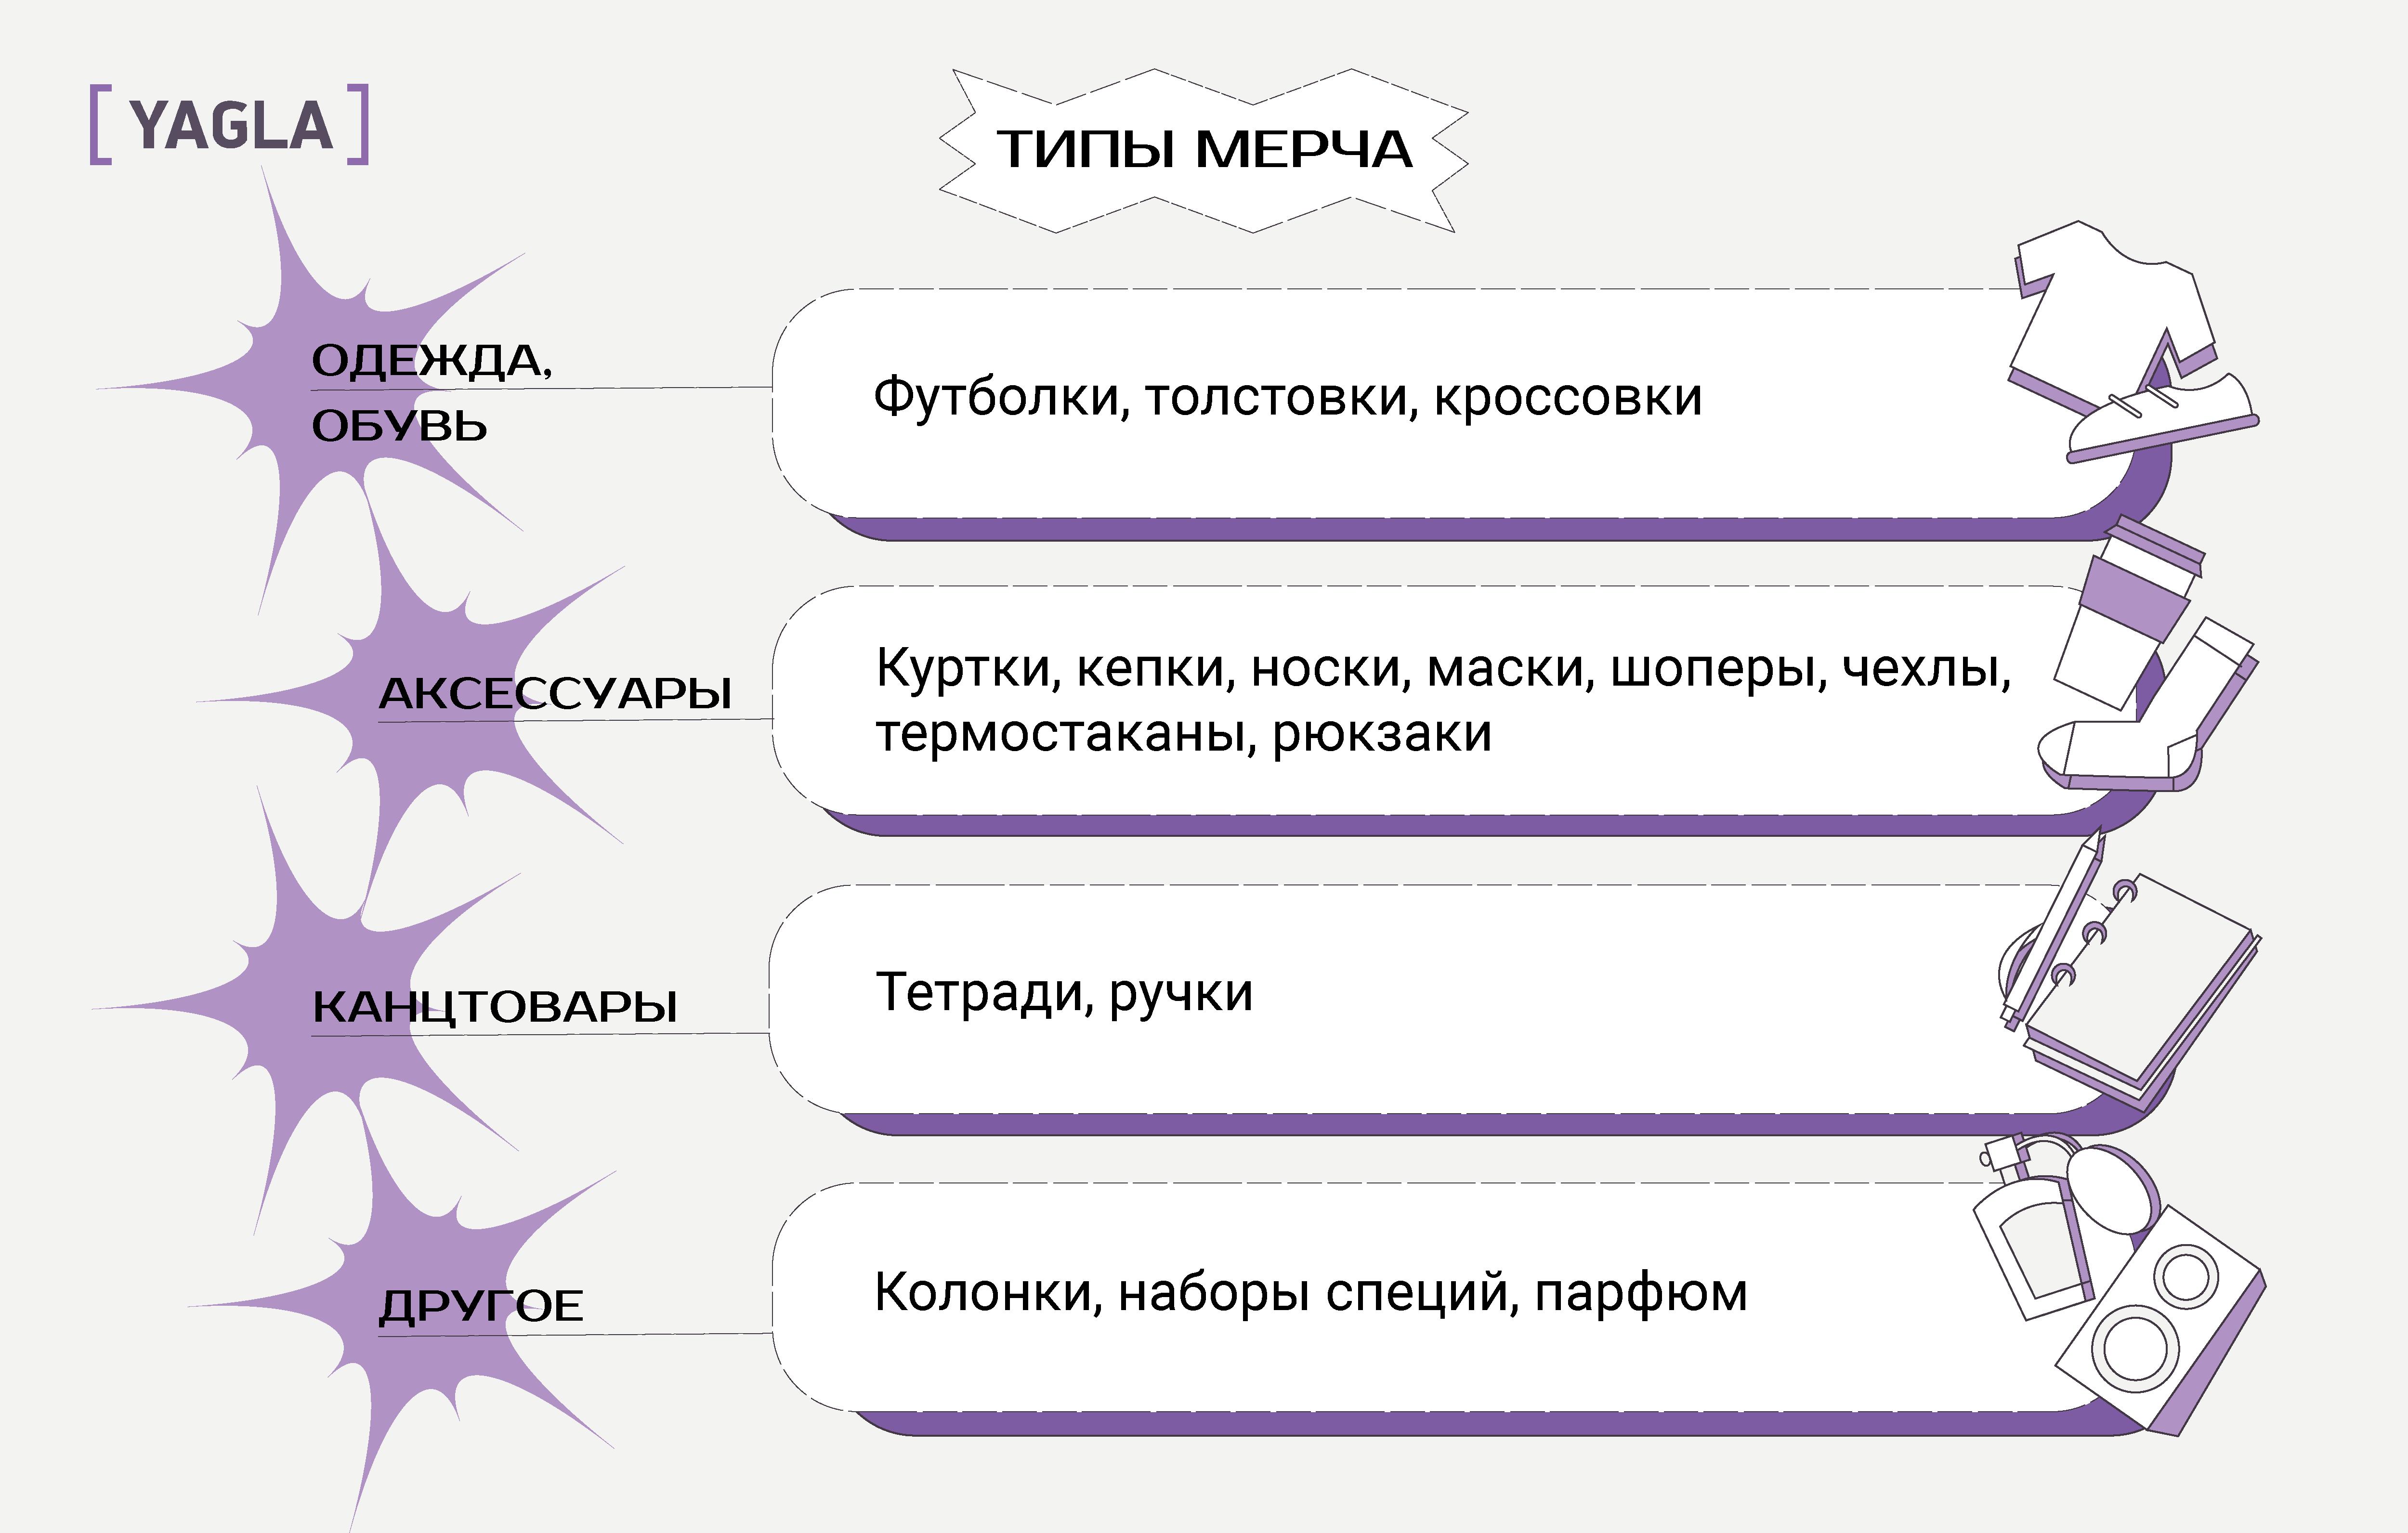 Типы и разновидности мерча